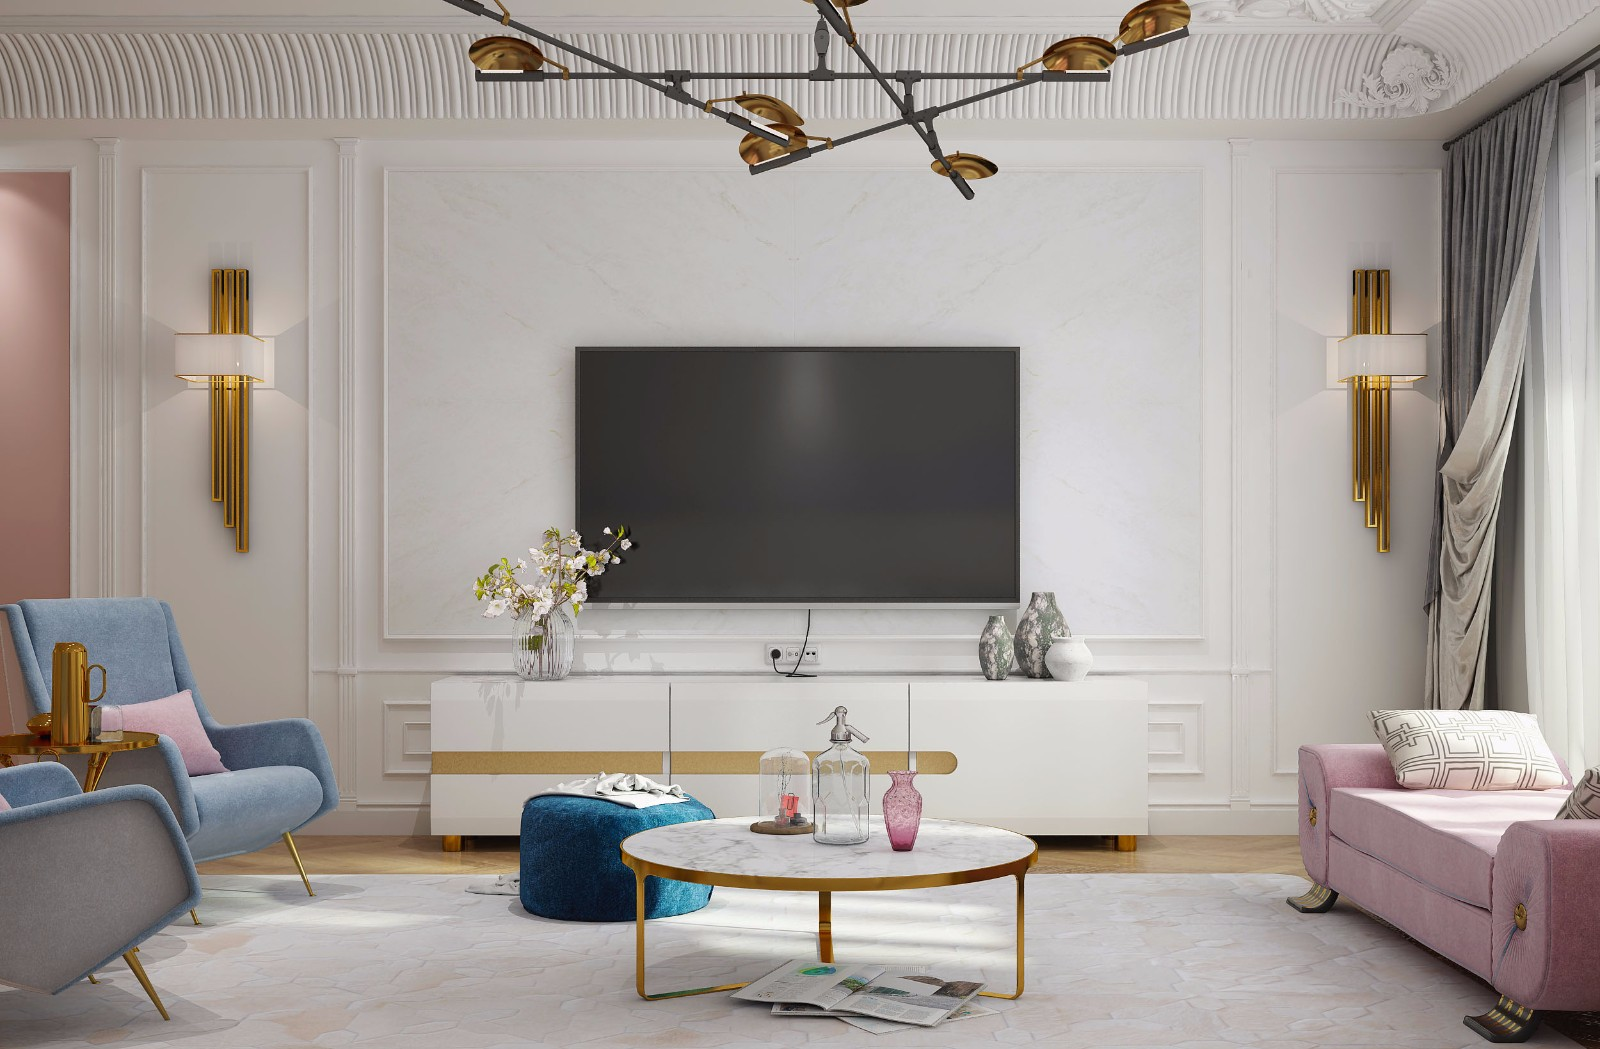 法式风格白色电视背景墙装修效果图